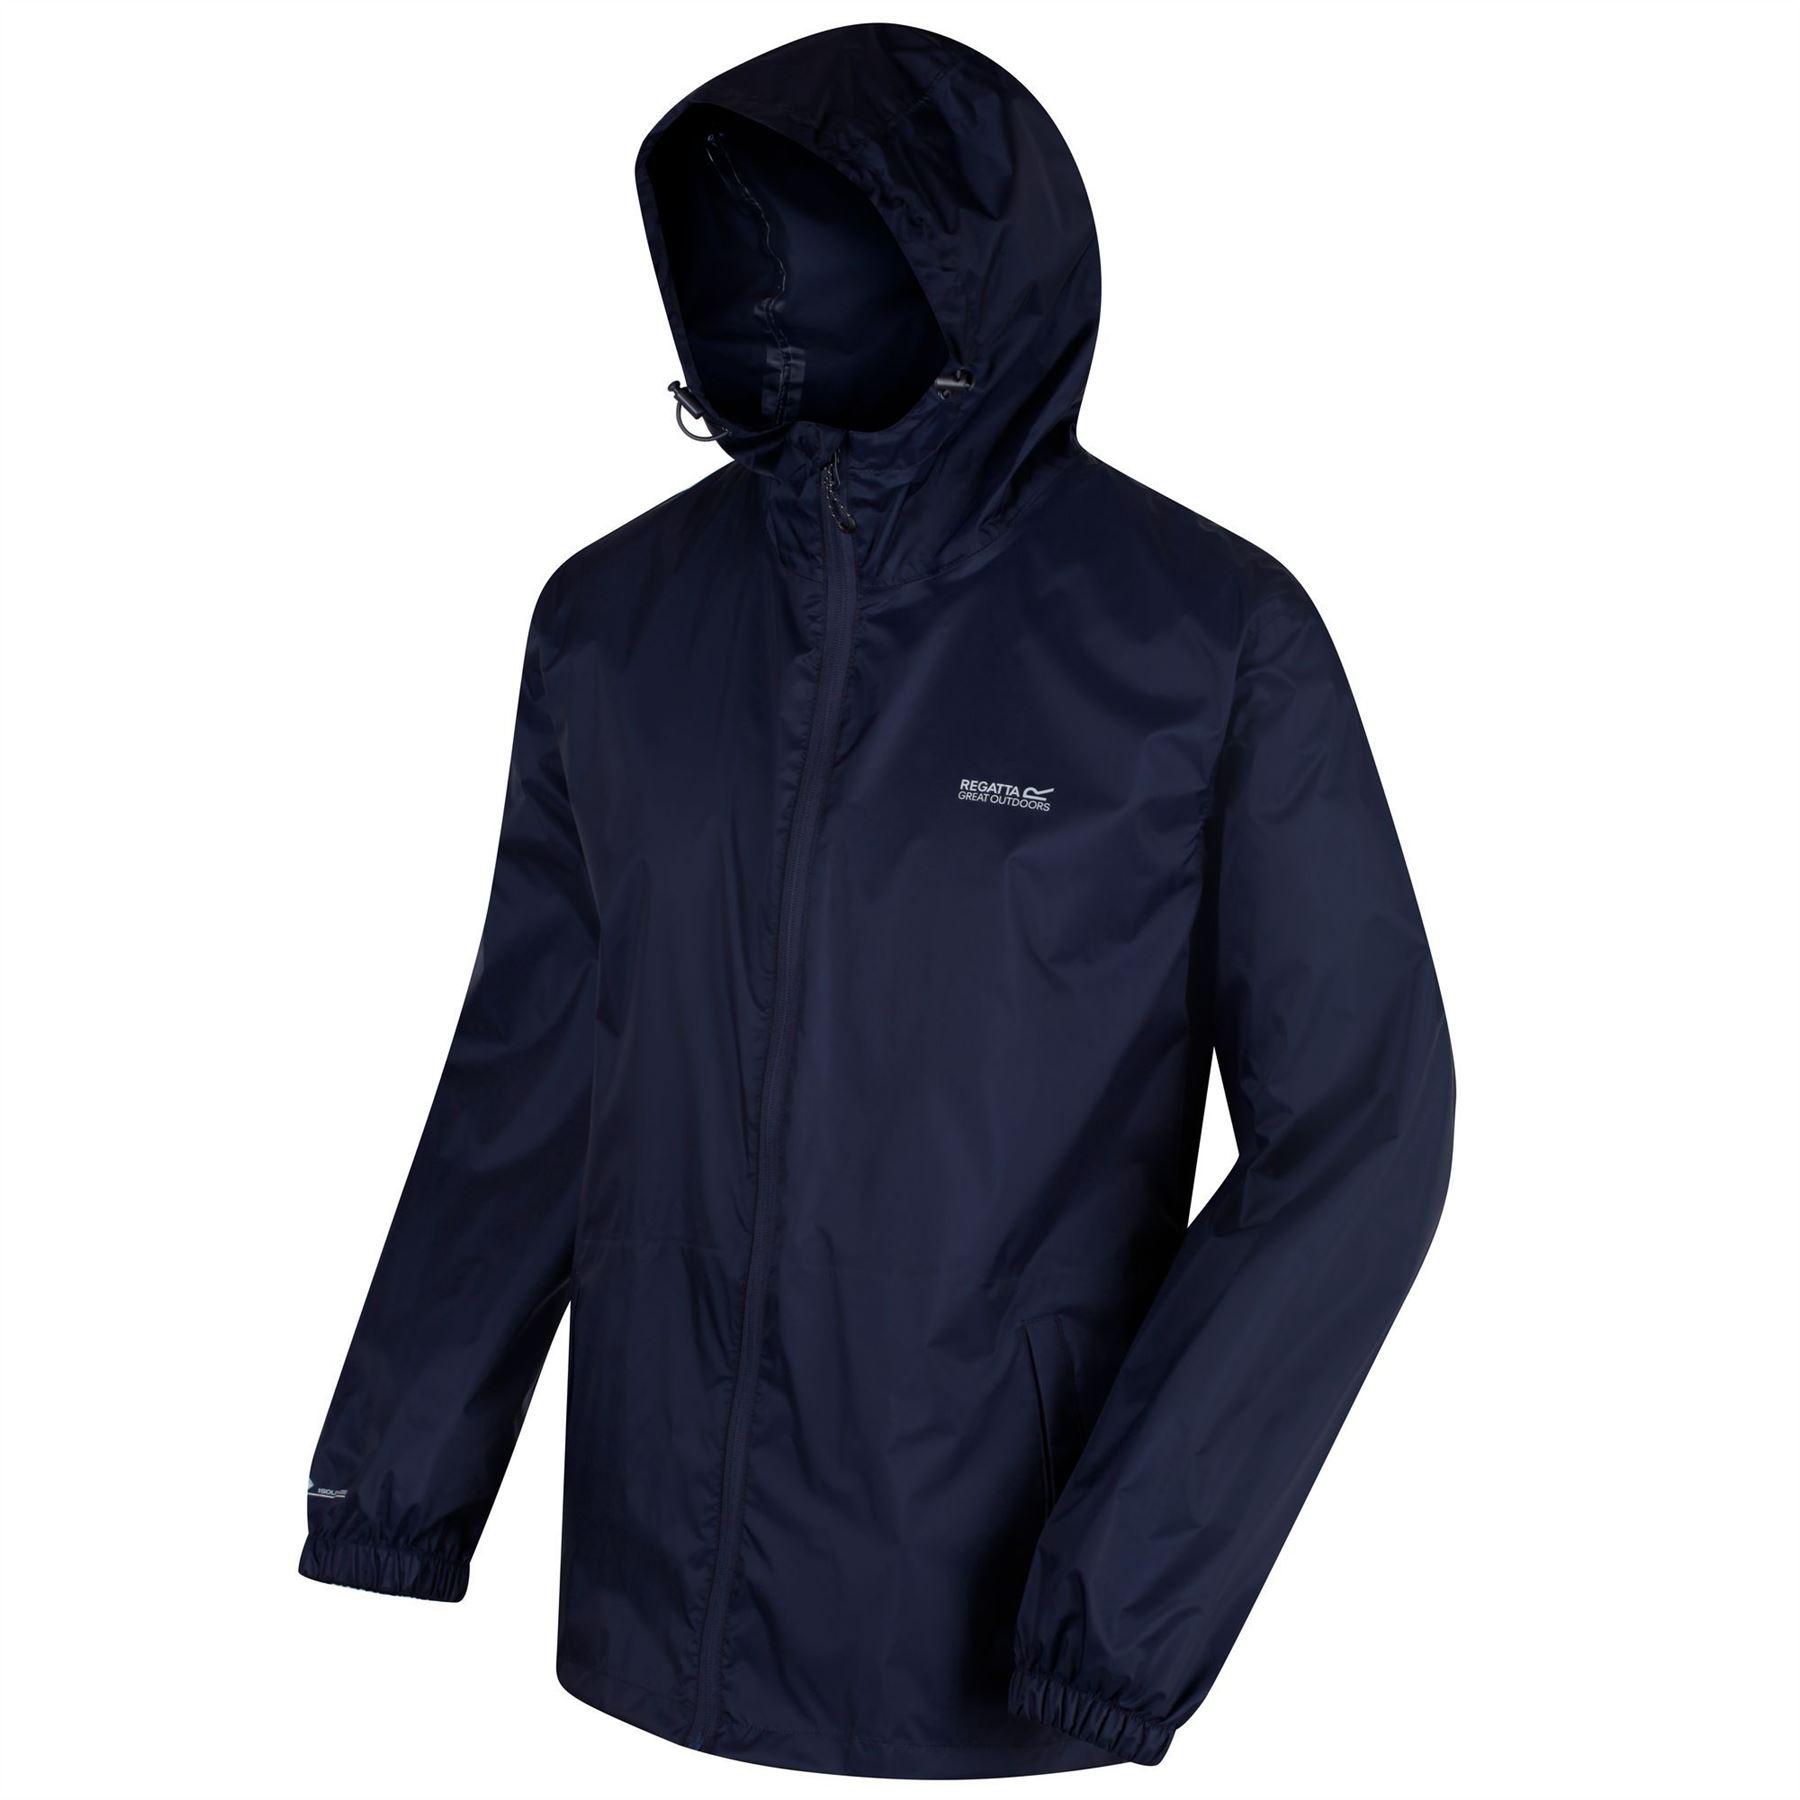 miniatuur 10 - Regatta Mens Pack-it In a bag Packable Waterproof Jacket Outdoor Pack a mac